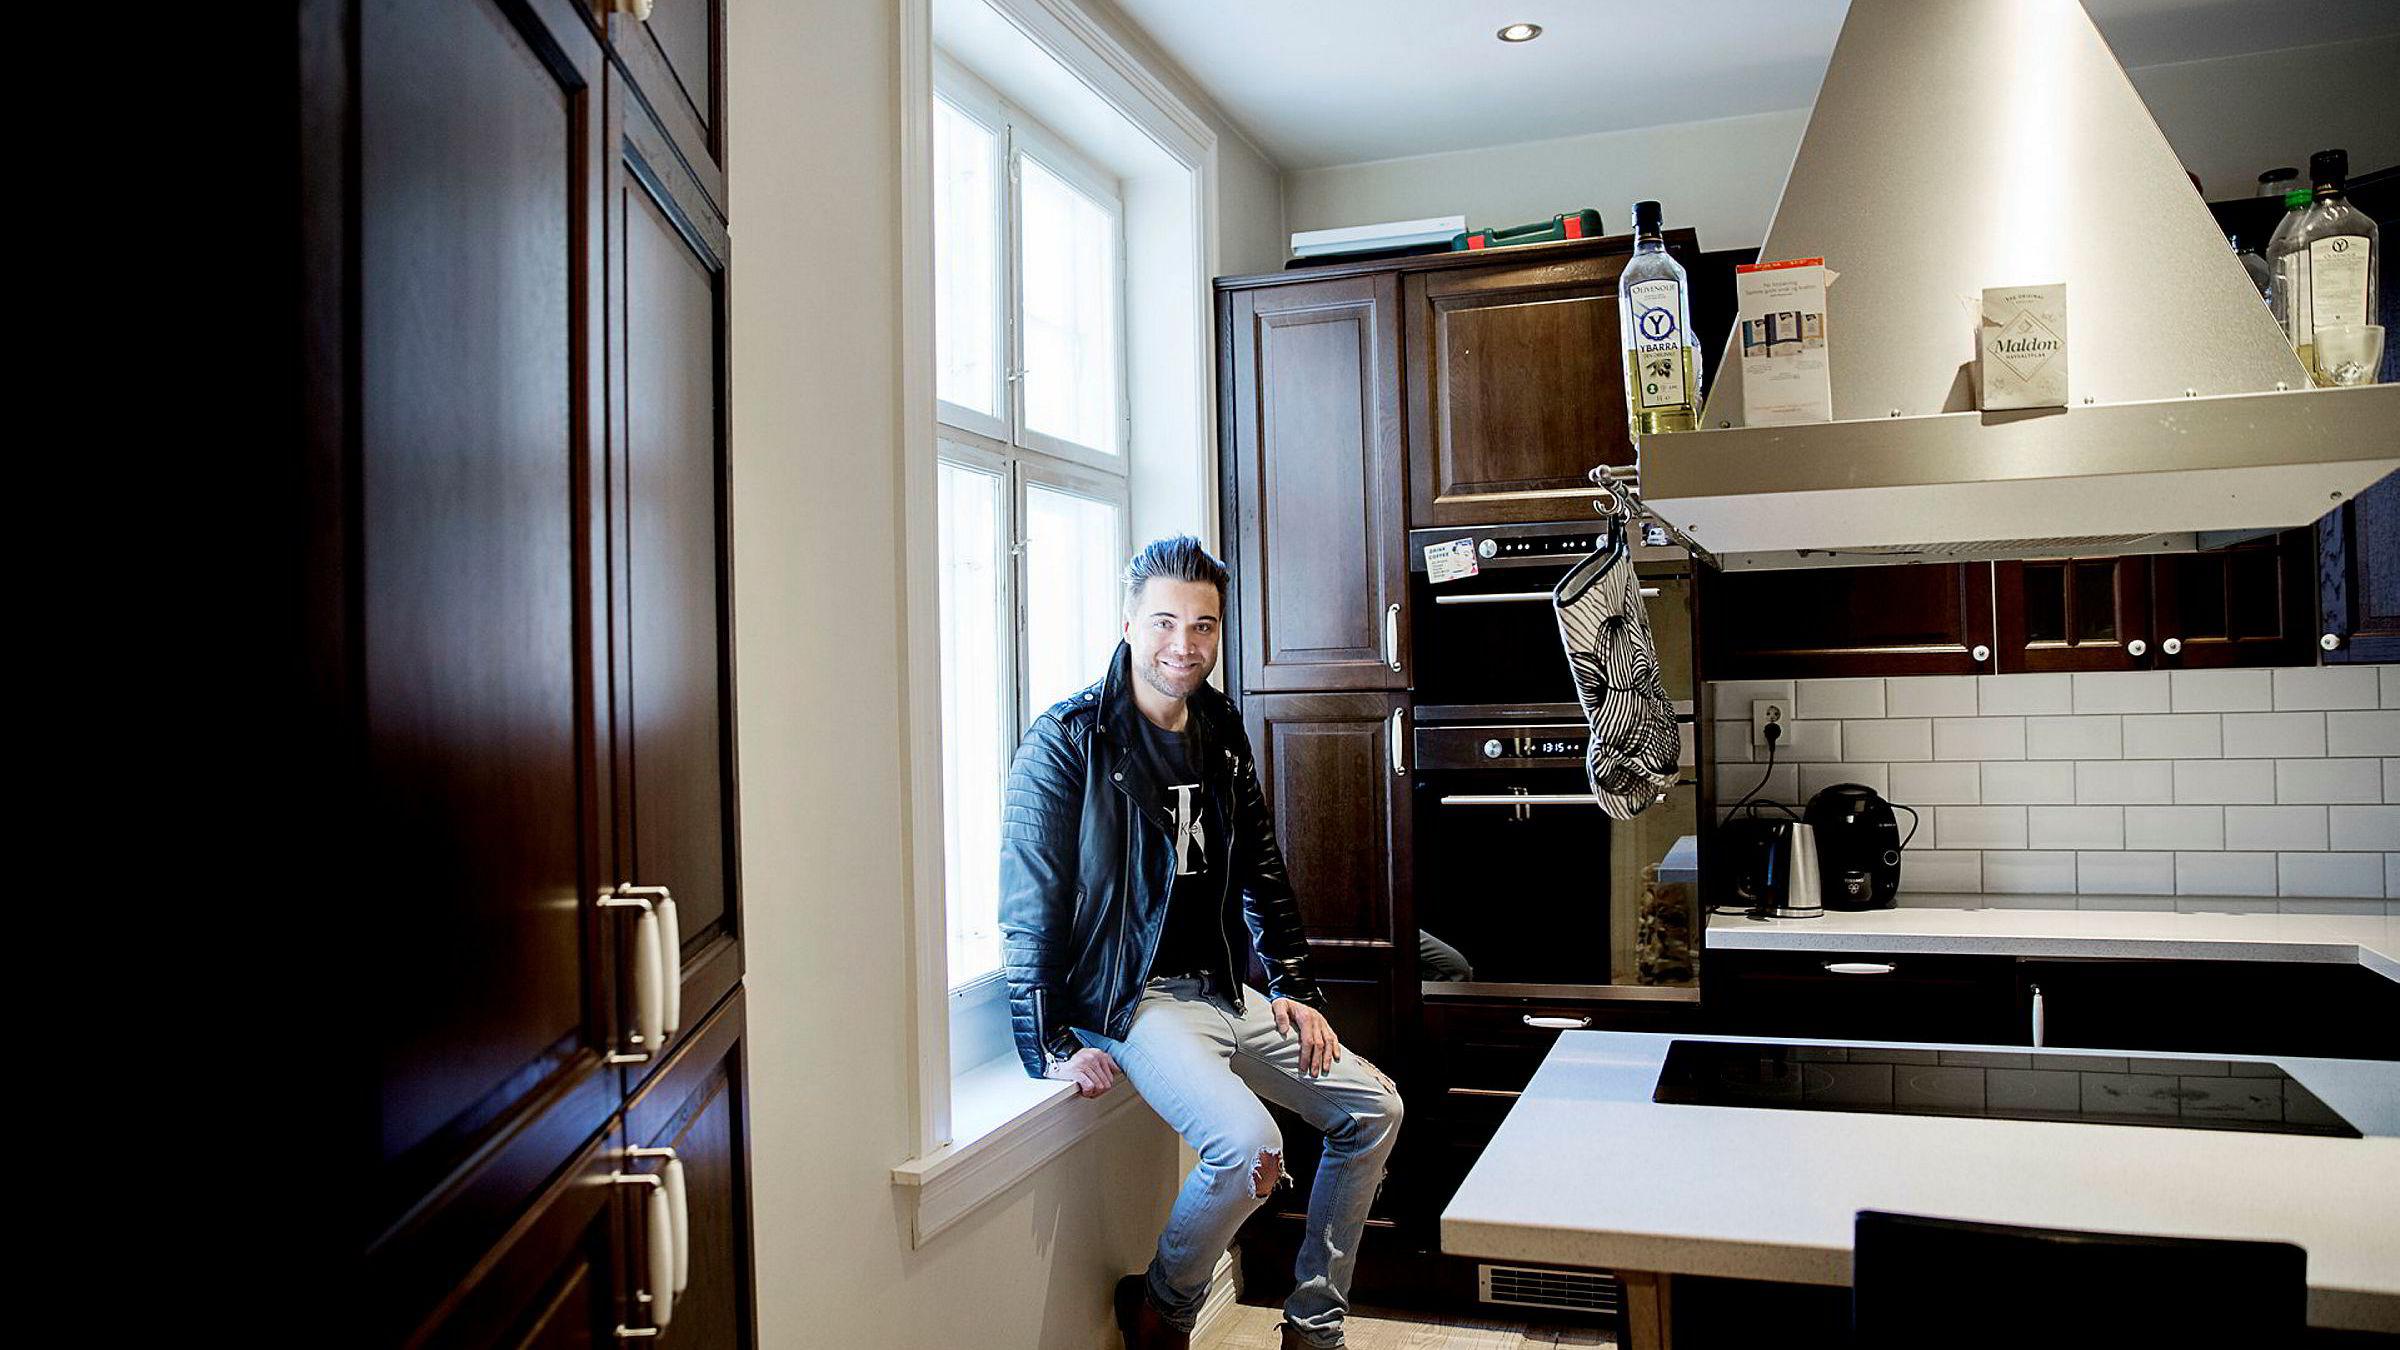 – Nå er livet nærmest snudd på hodet, og jeg lever av utleie, sier Gerhard Bollmann Leknes (36), som har kjøpt boliger verd 40 millioner med oppunder 20 millioner i boliglån.